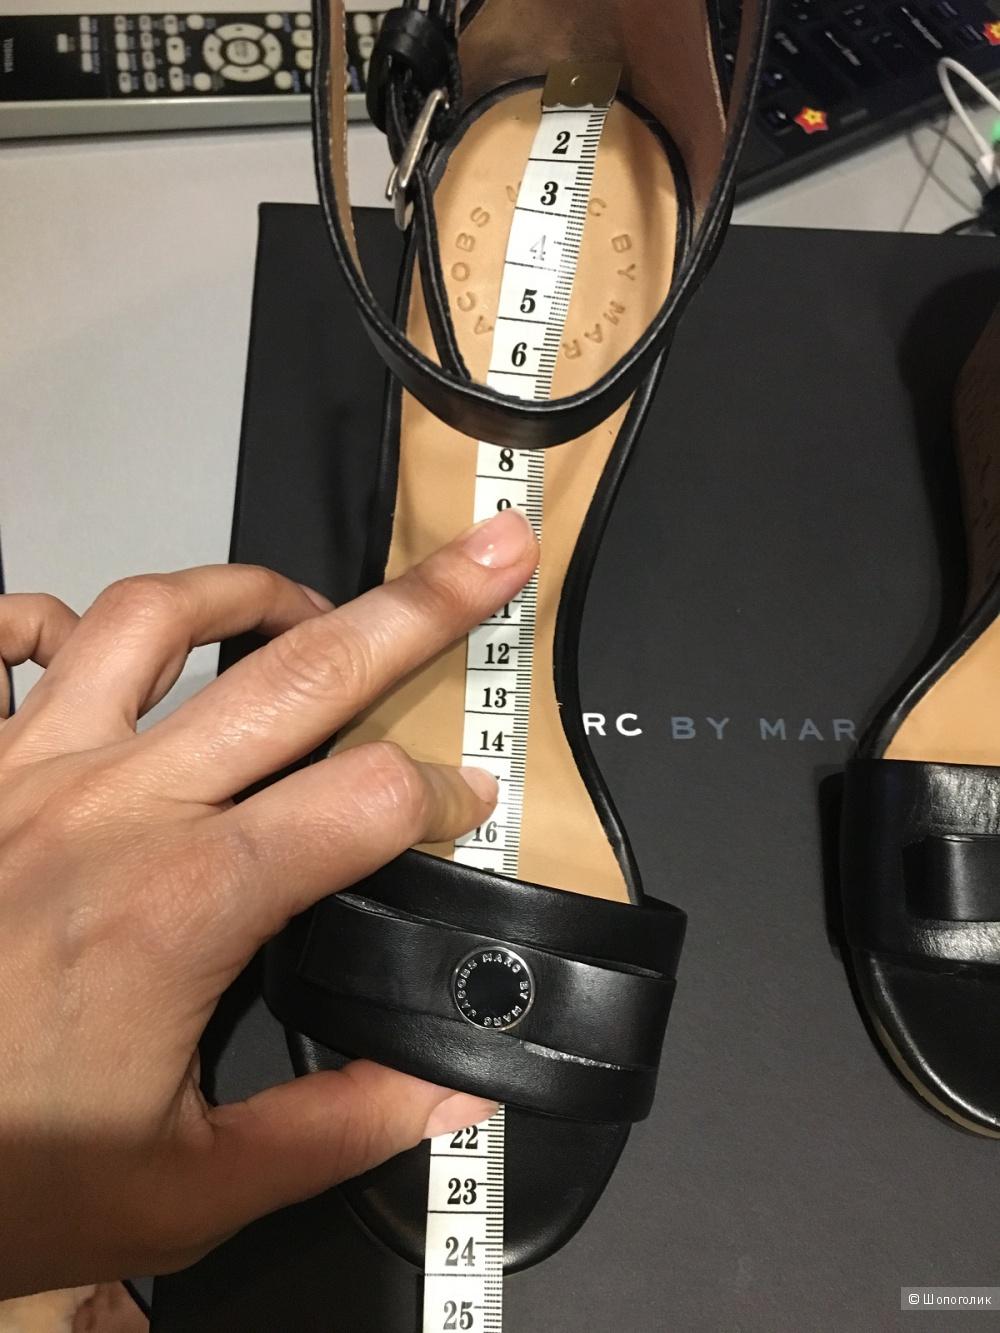 Босоножки на танкетке Marc by Marc Jacobs, оригинал. Черные.